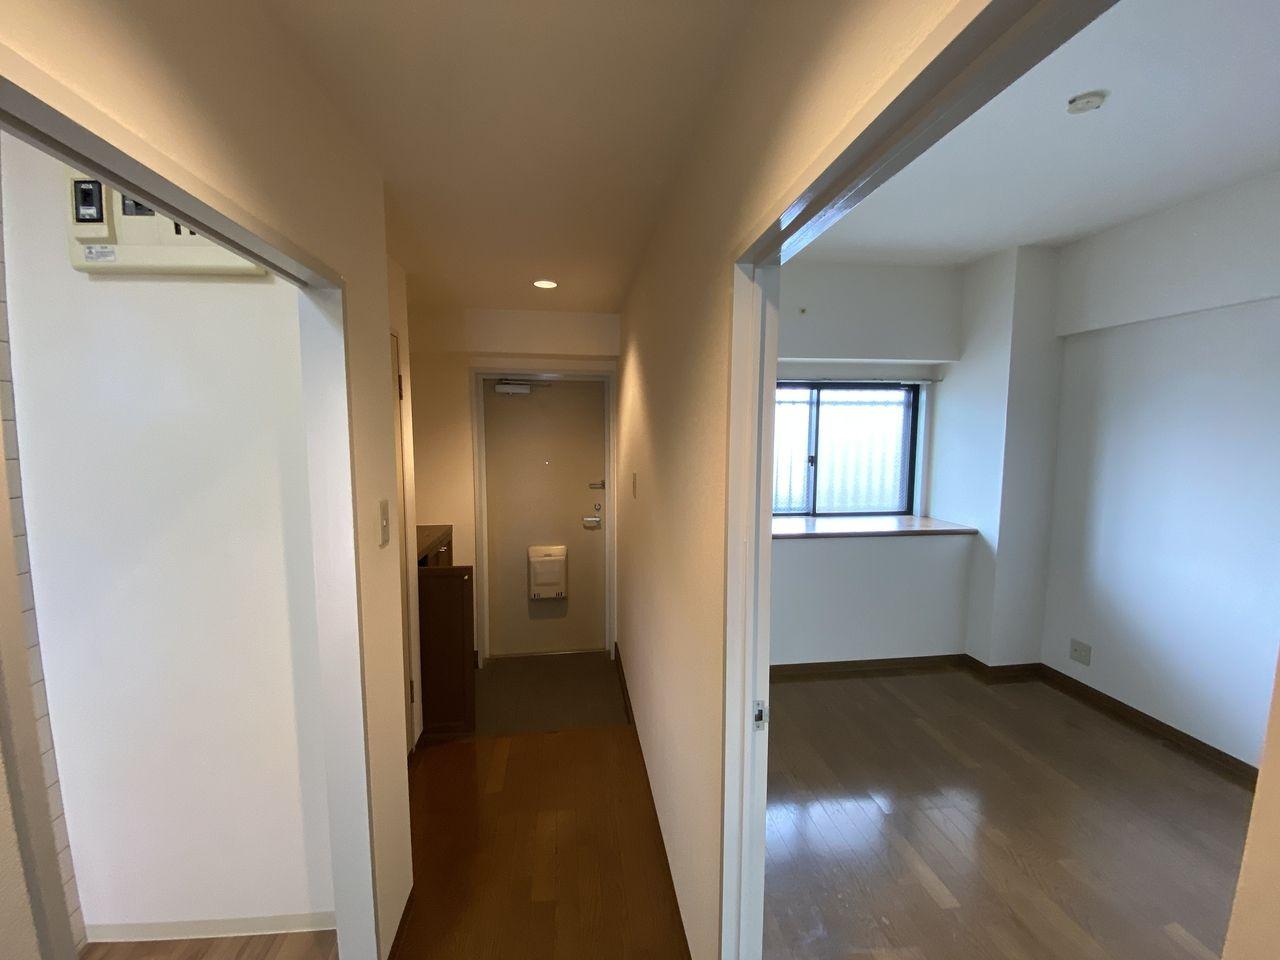 EV付たまプラーザ駅2分のマンションの第5正美ビルの玄関回り